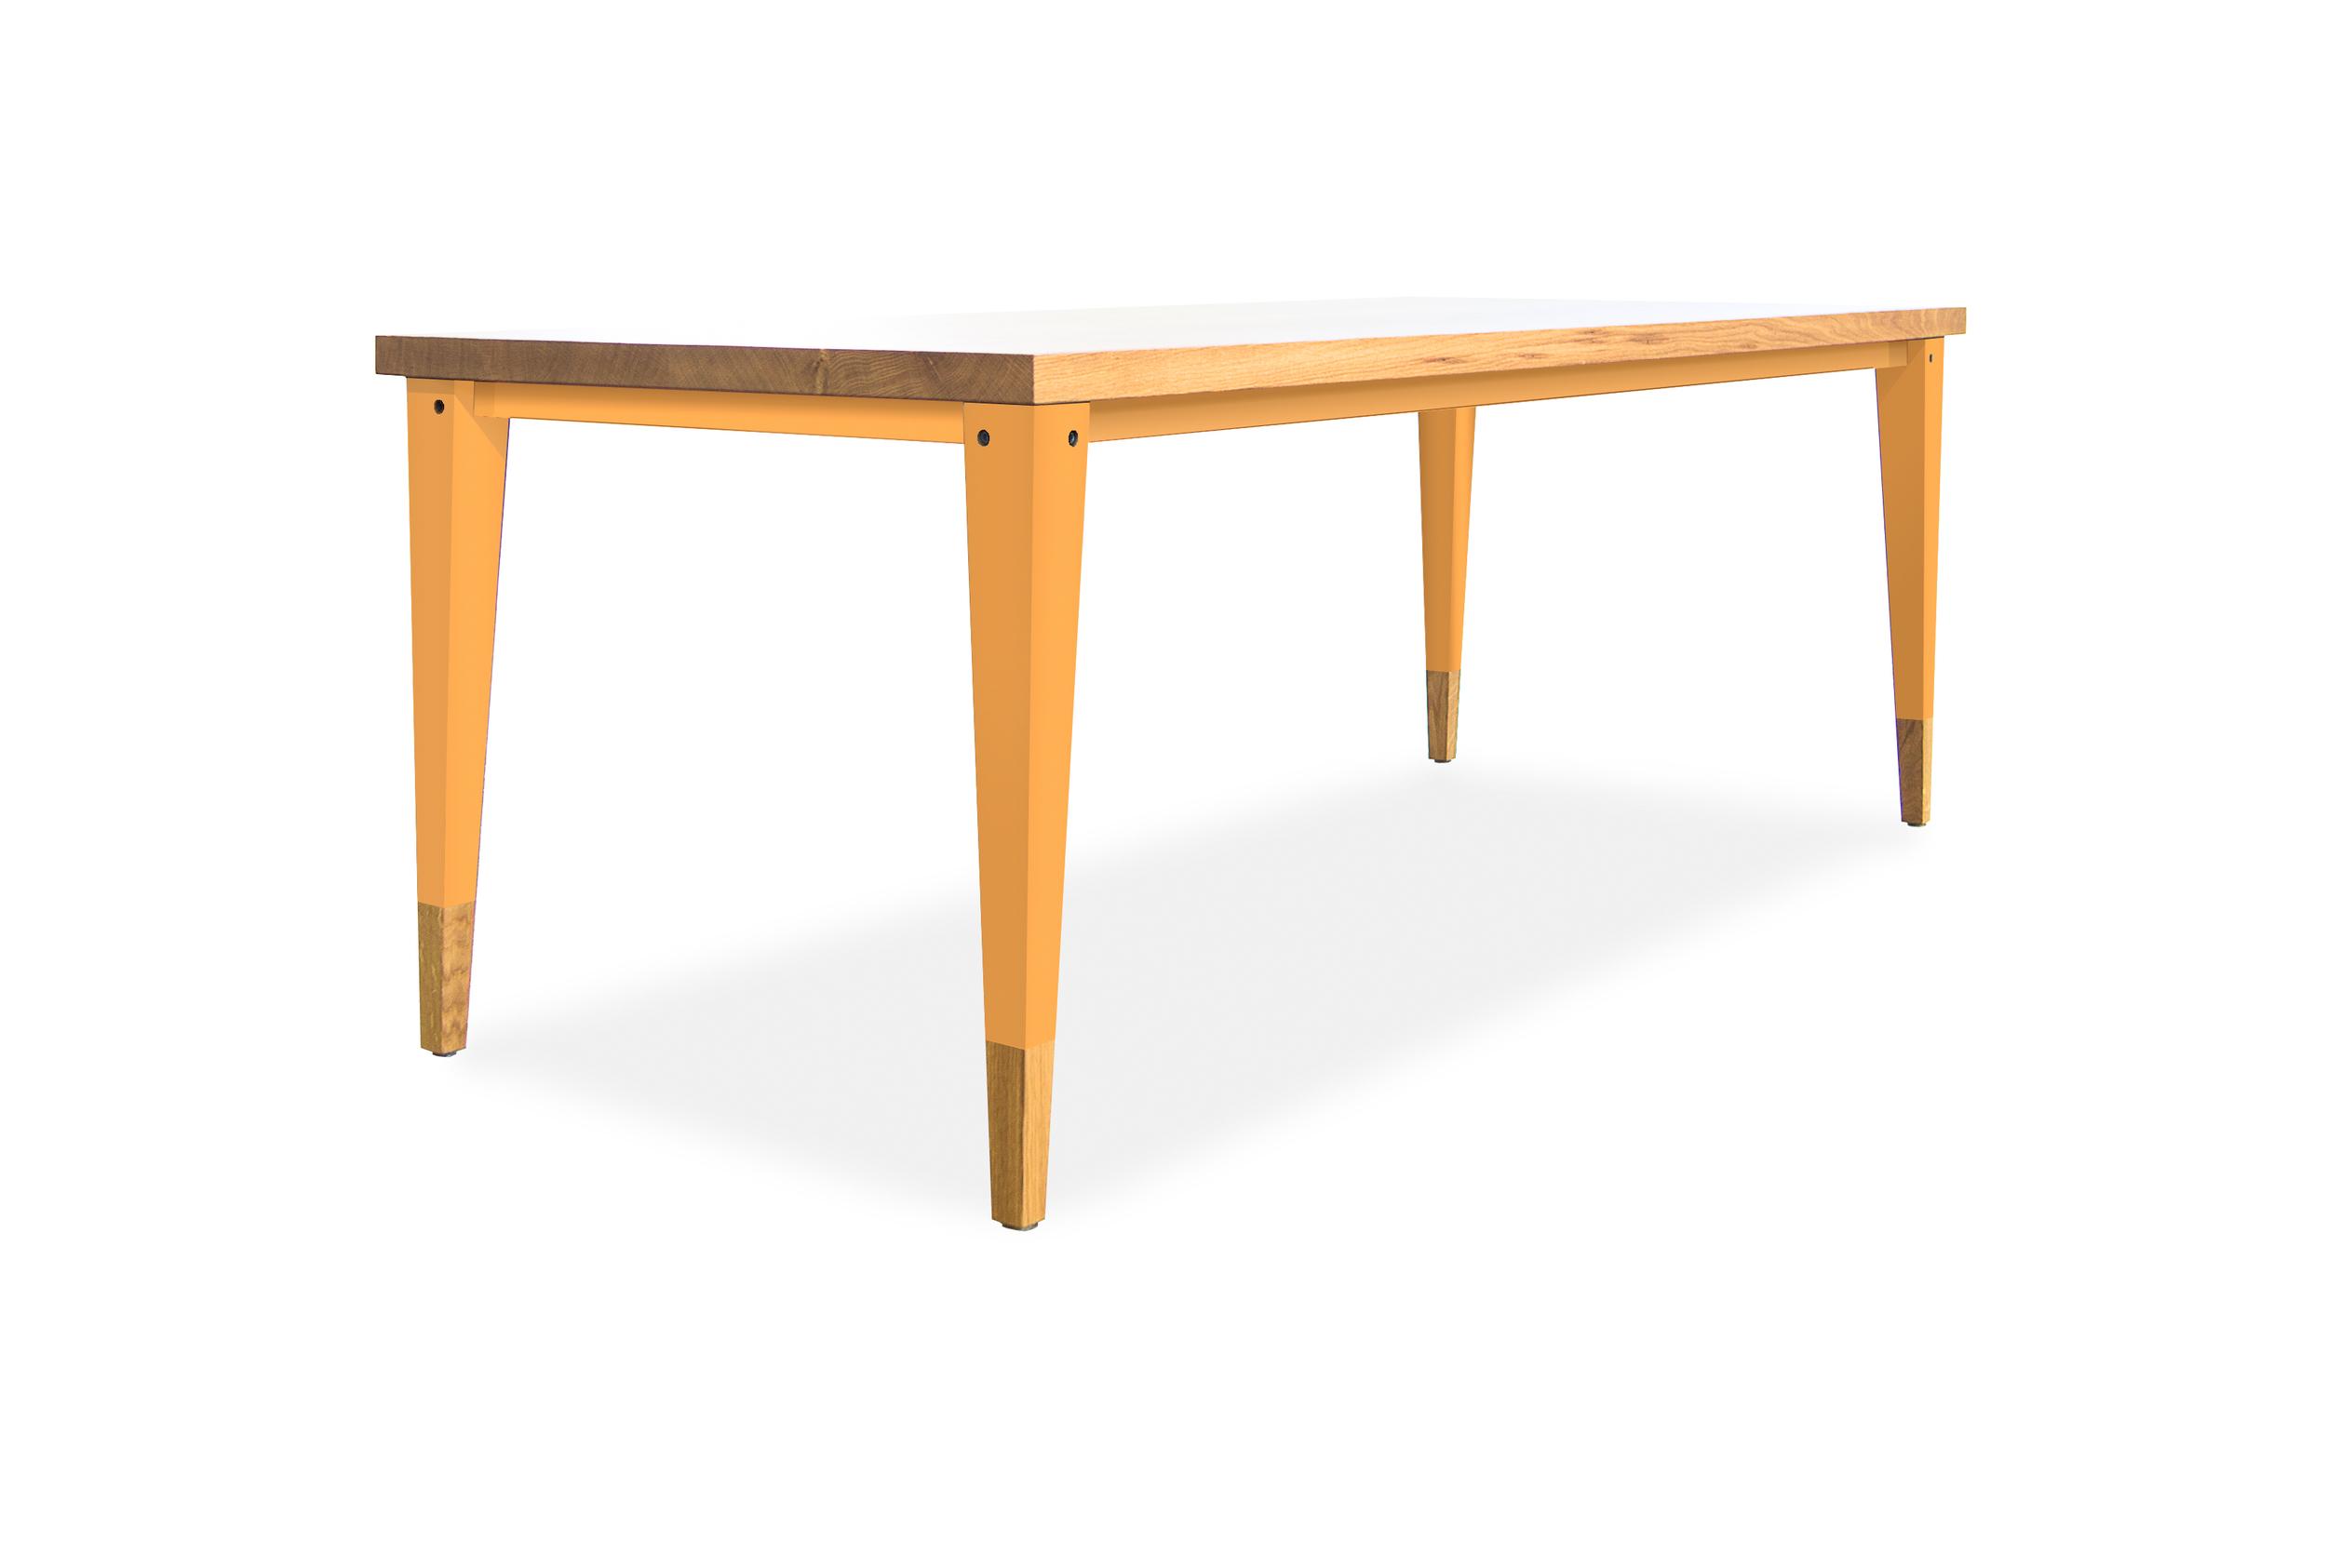 BB Tisch Bein ganz + Zarge 1017 .jpg